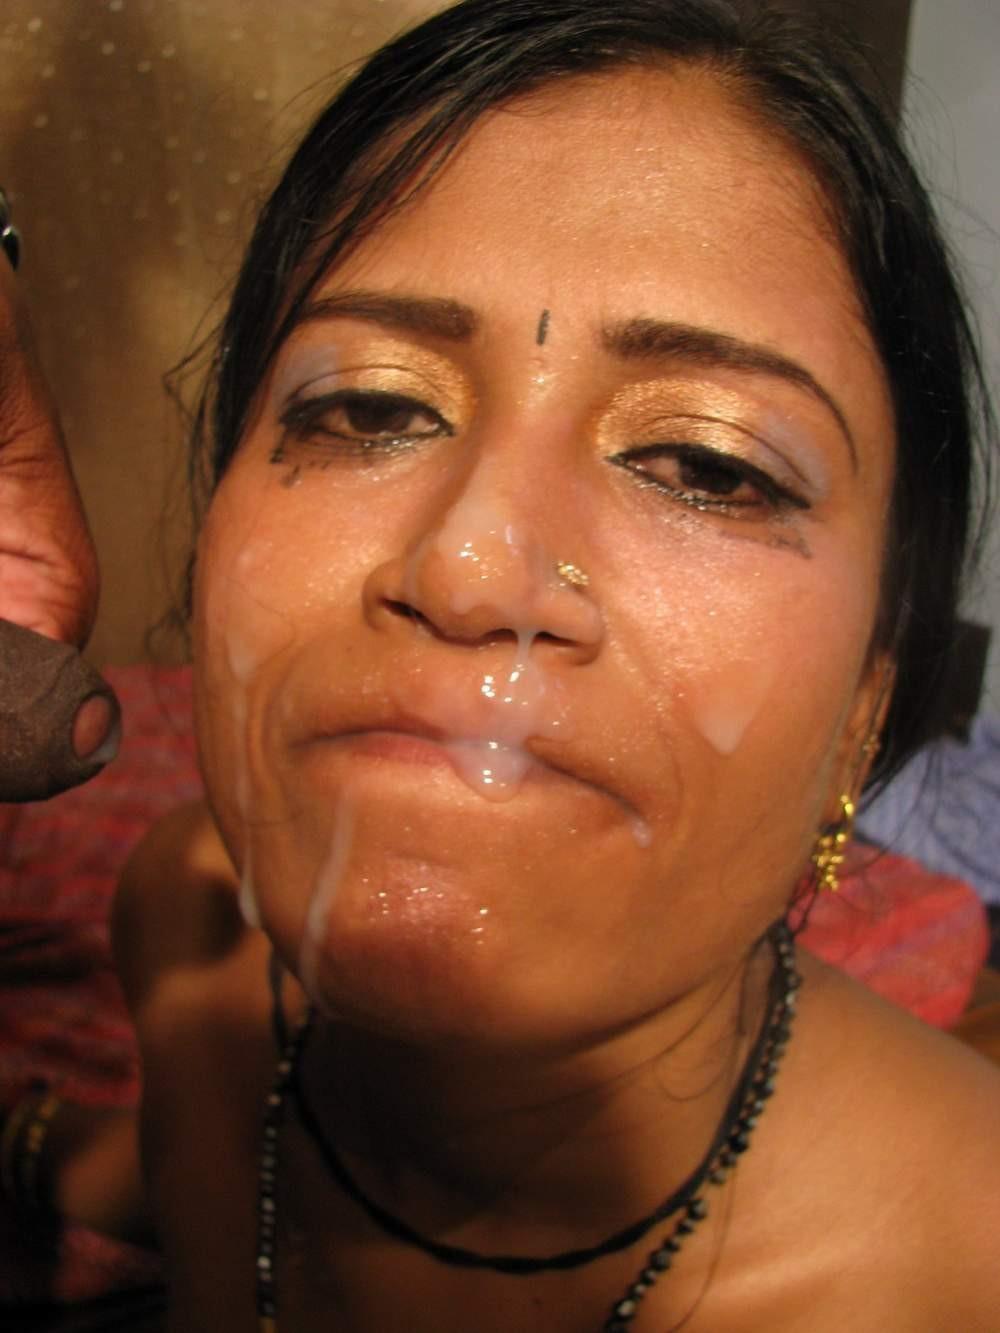 nude-indian-girls-cum-facial